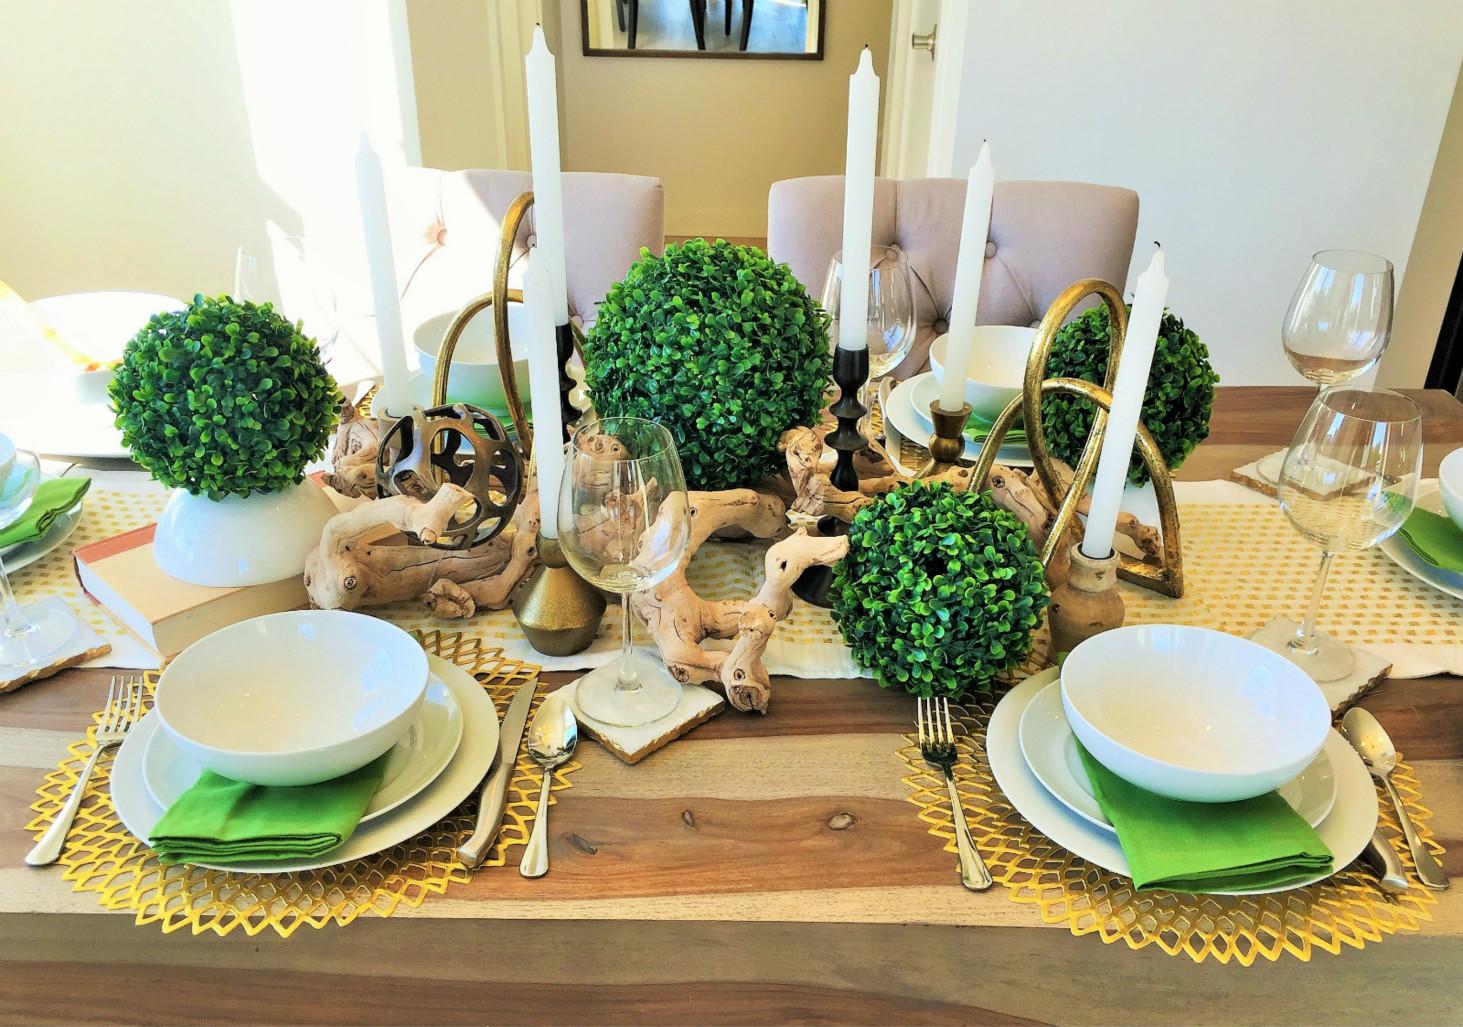 白色的蜡烛、绿色的小盆栽装饰、透明酒杯、瓷器碗盘,绿色的用餐布,设计的很用心。